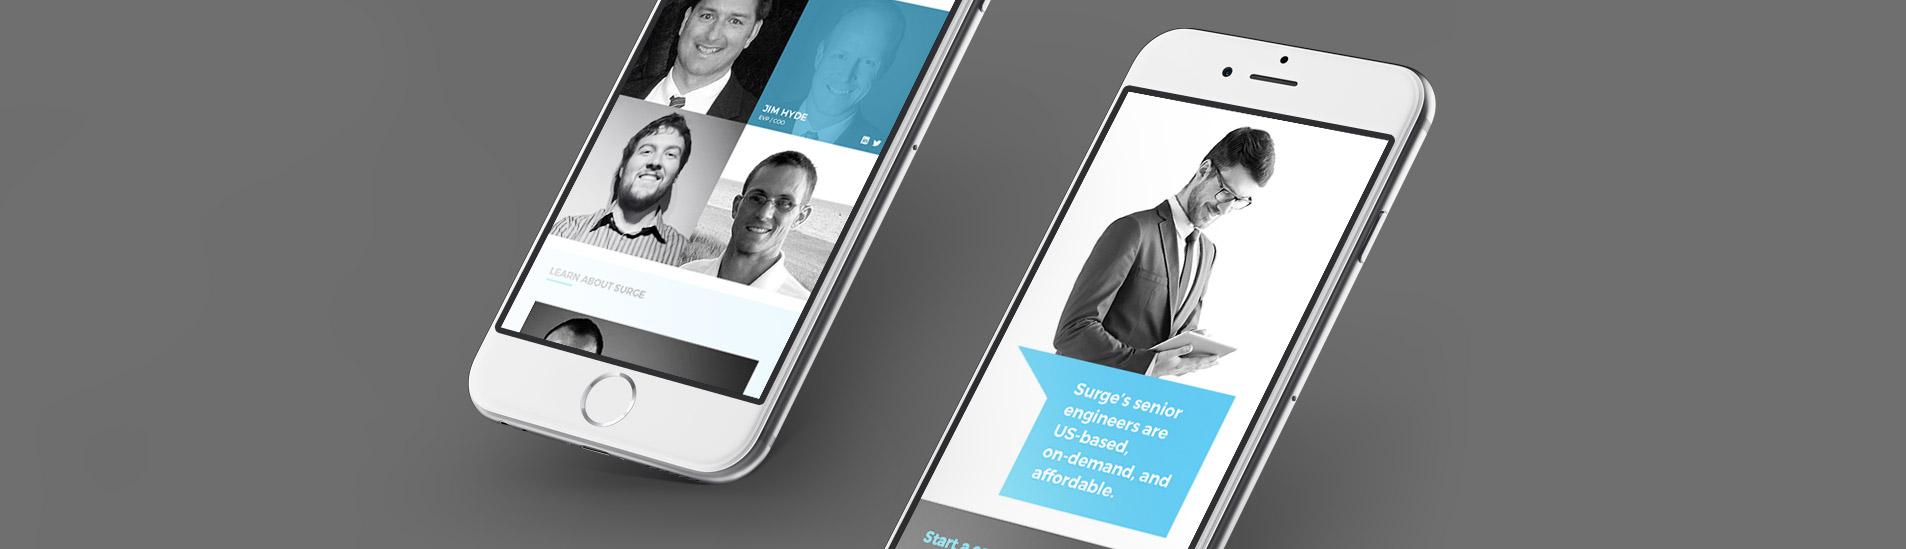 mobile website design for surge